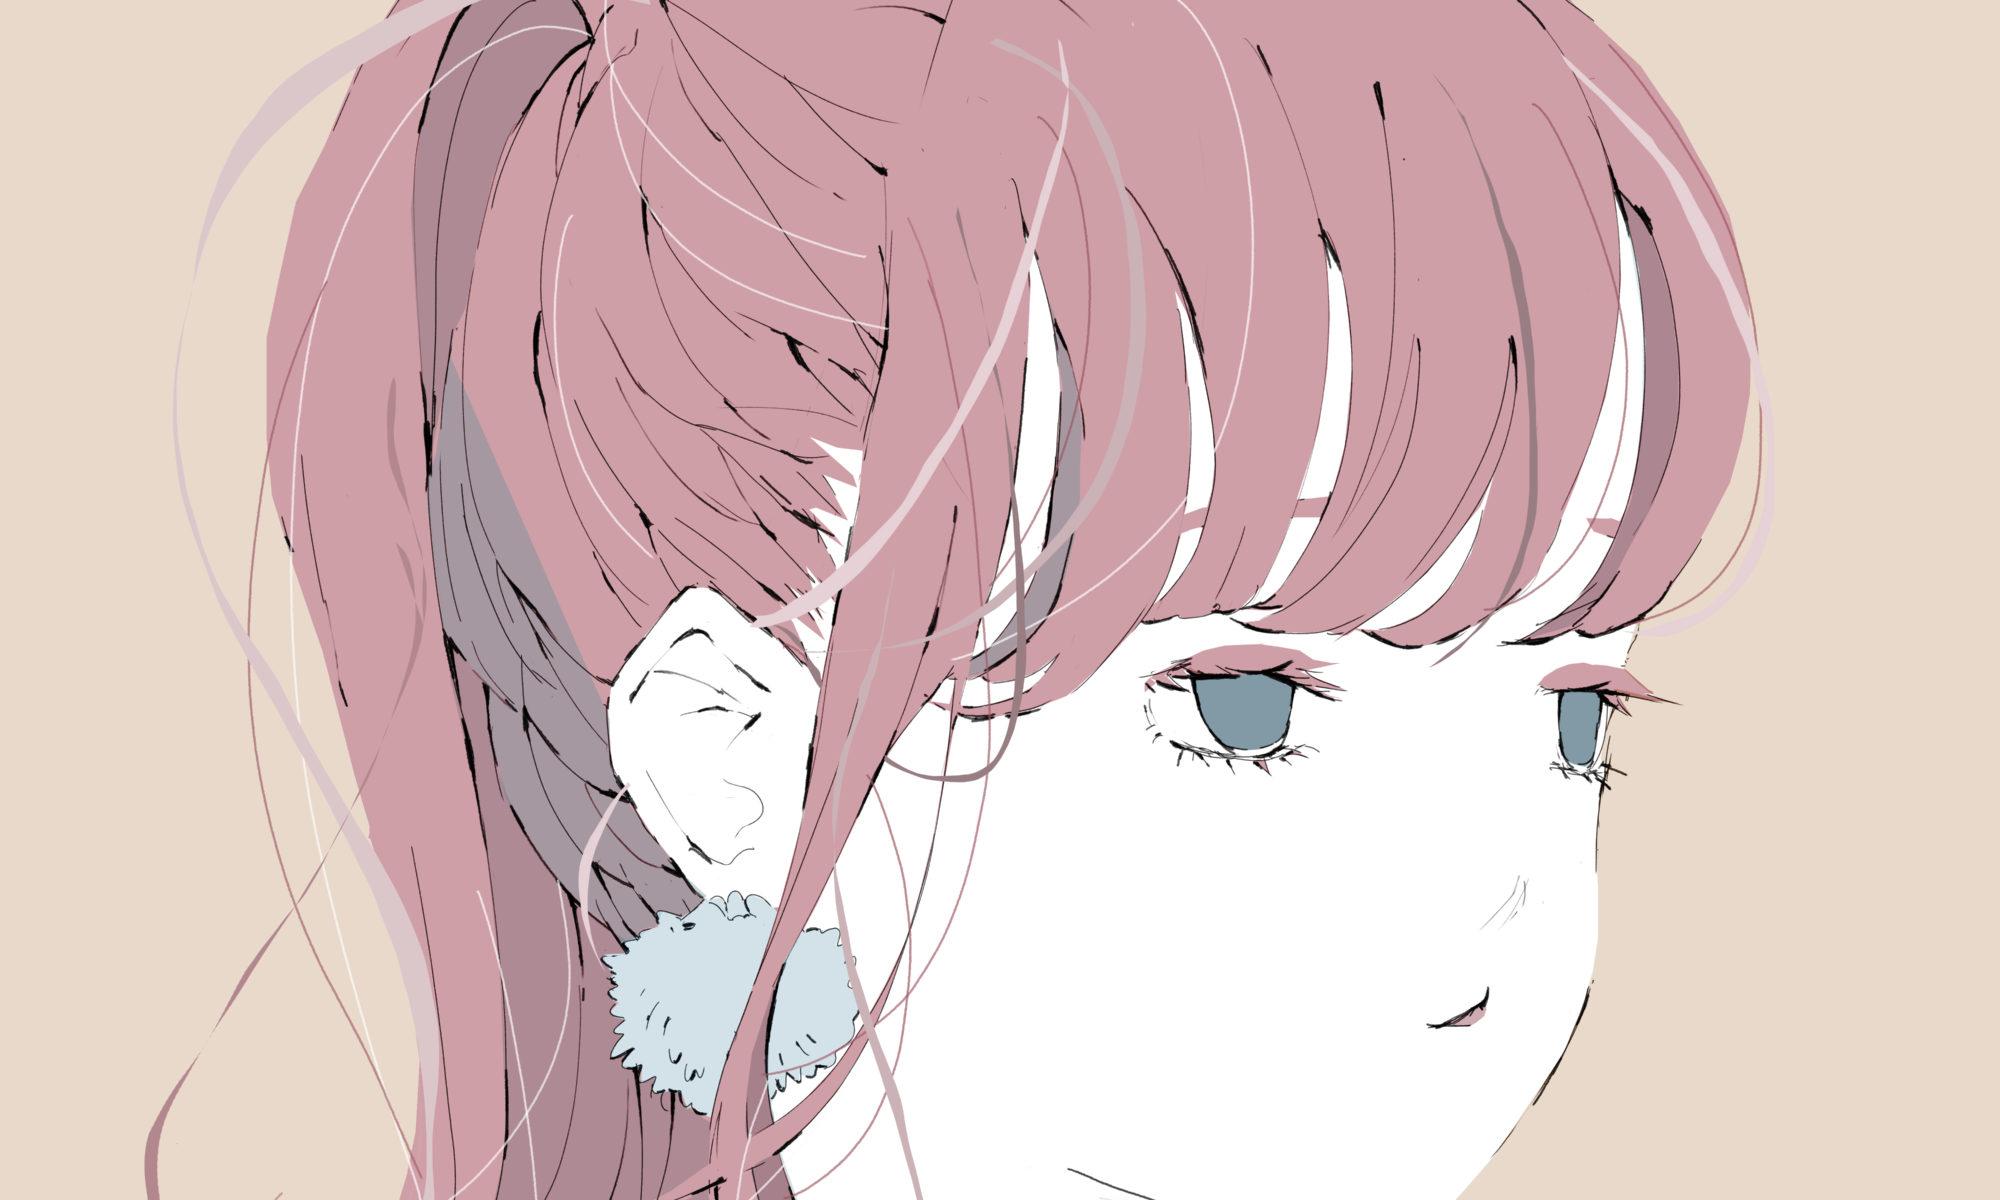 ハリネズミと女の子のイラスト